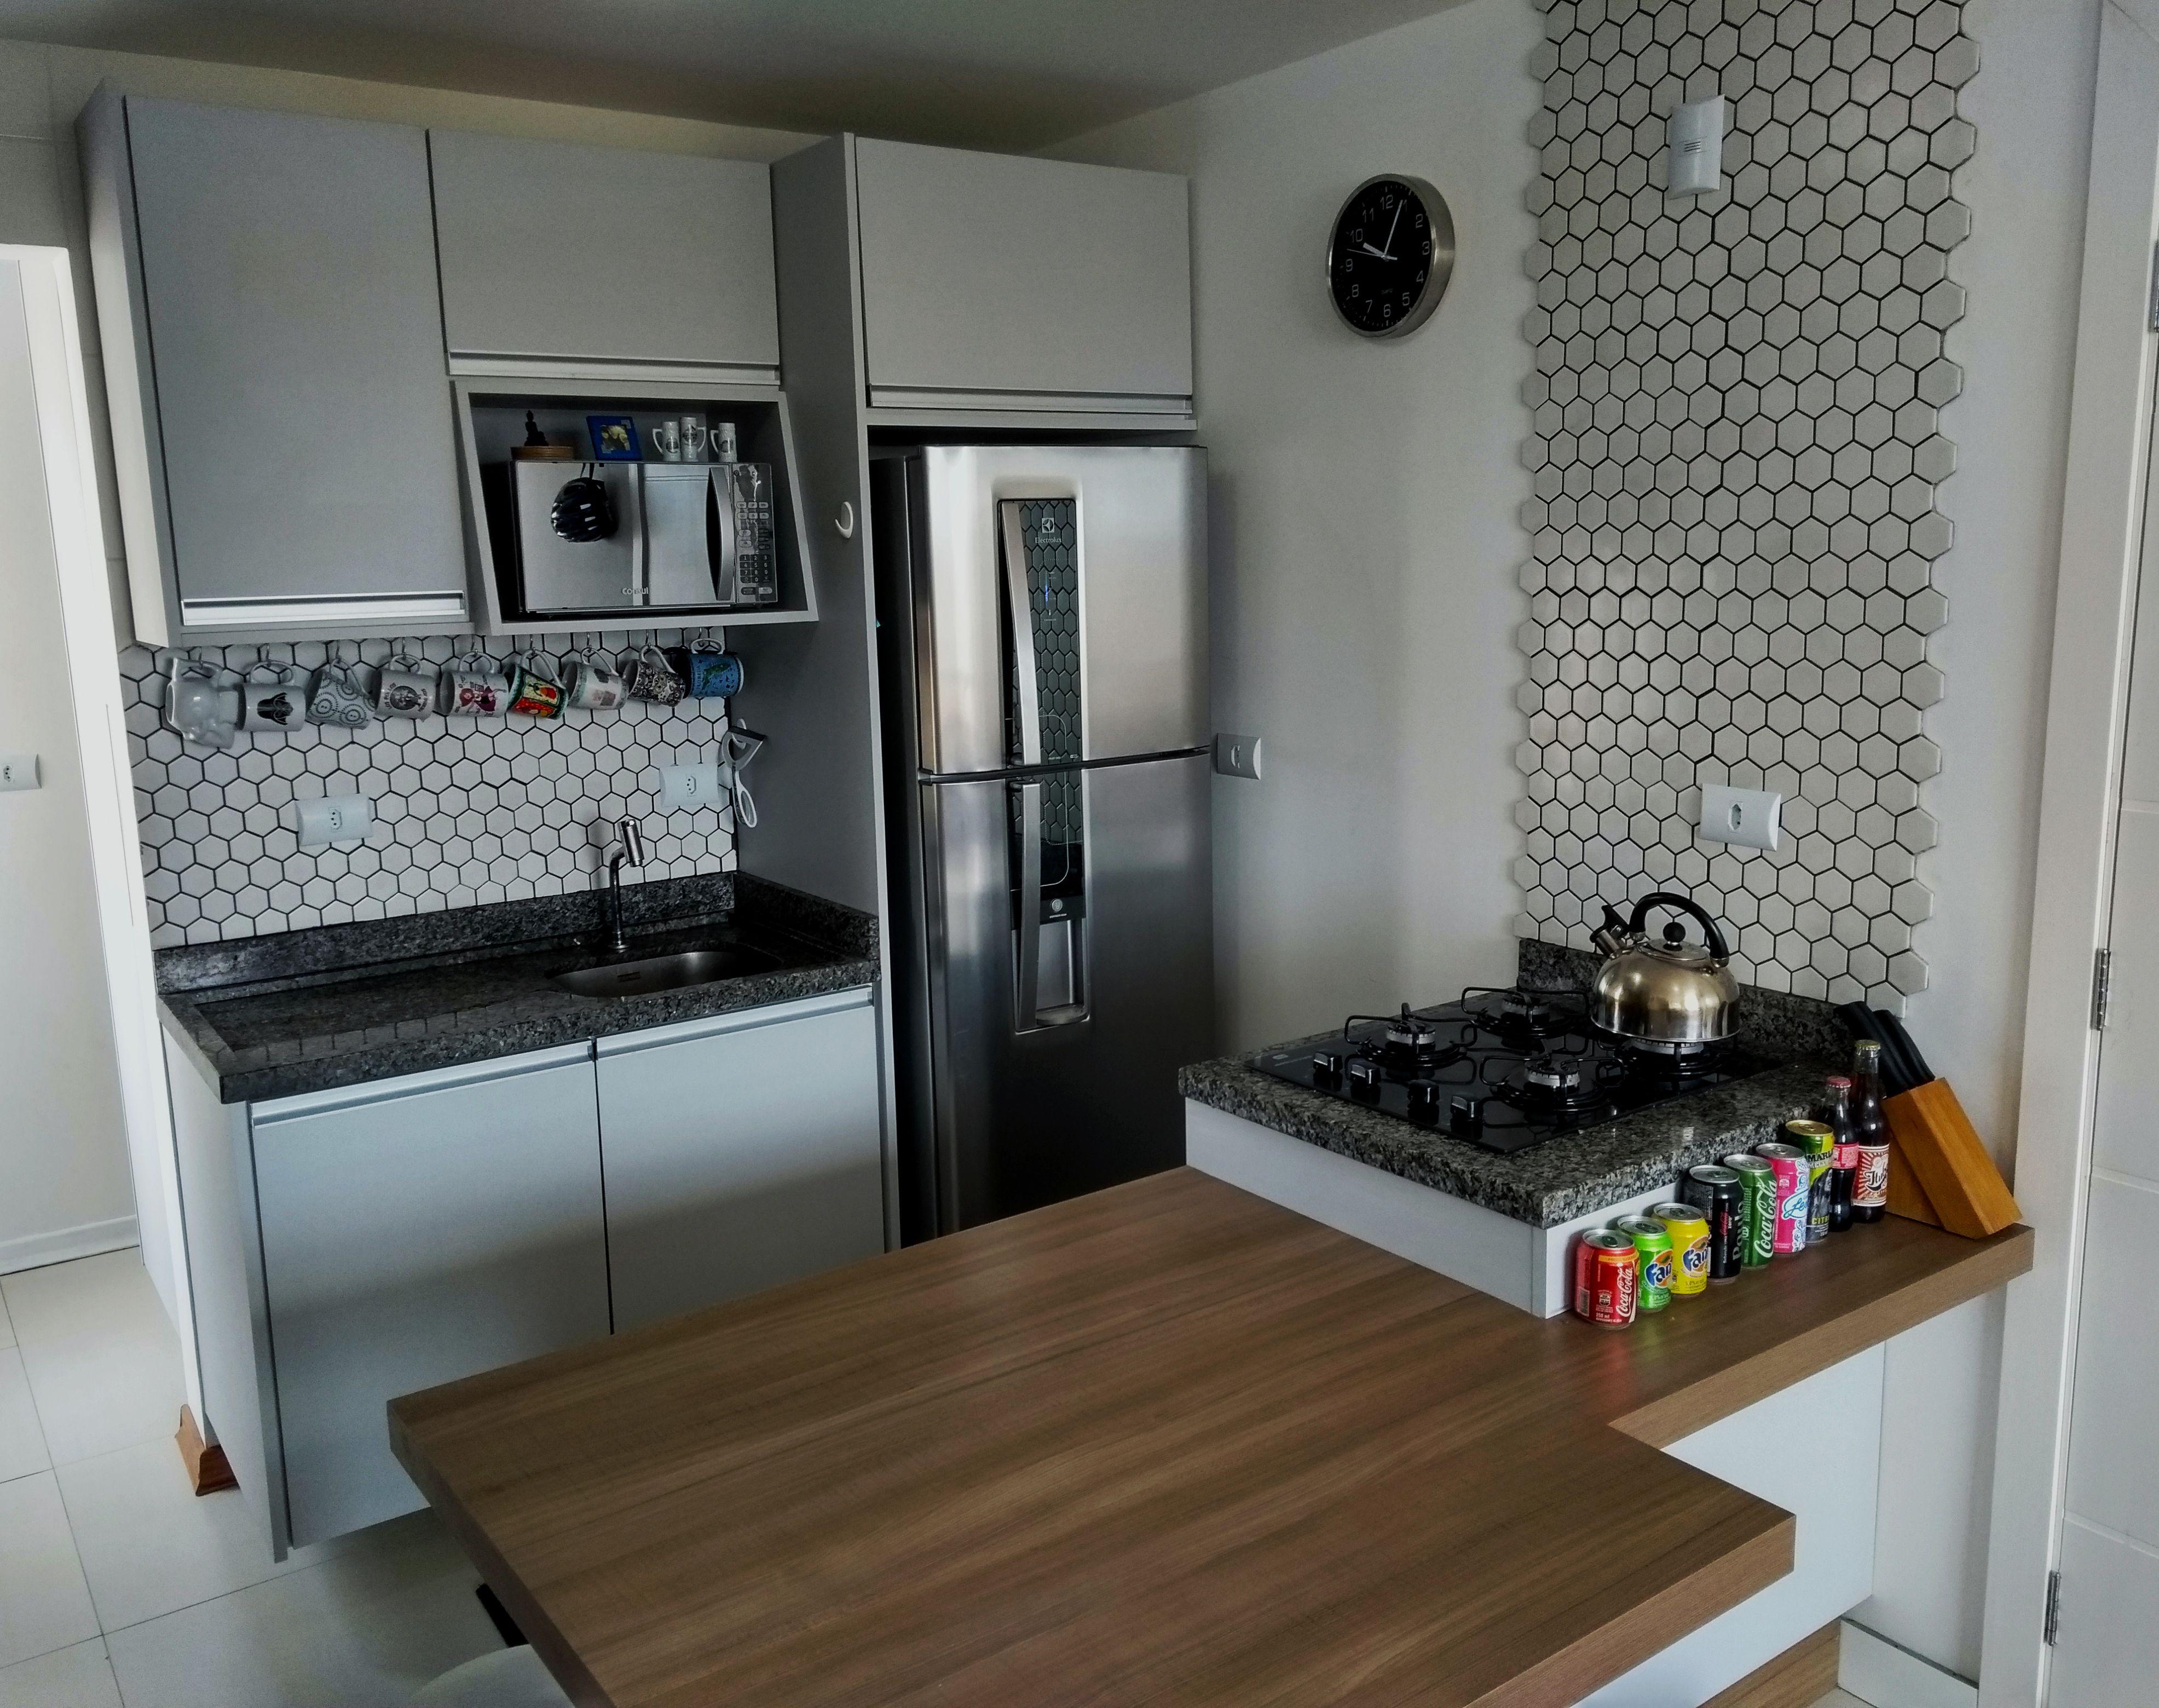 Cozinha Pequena Com Ilha E Mesa As Cozinha Revestida Em